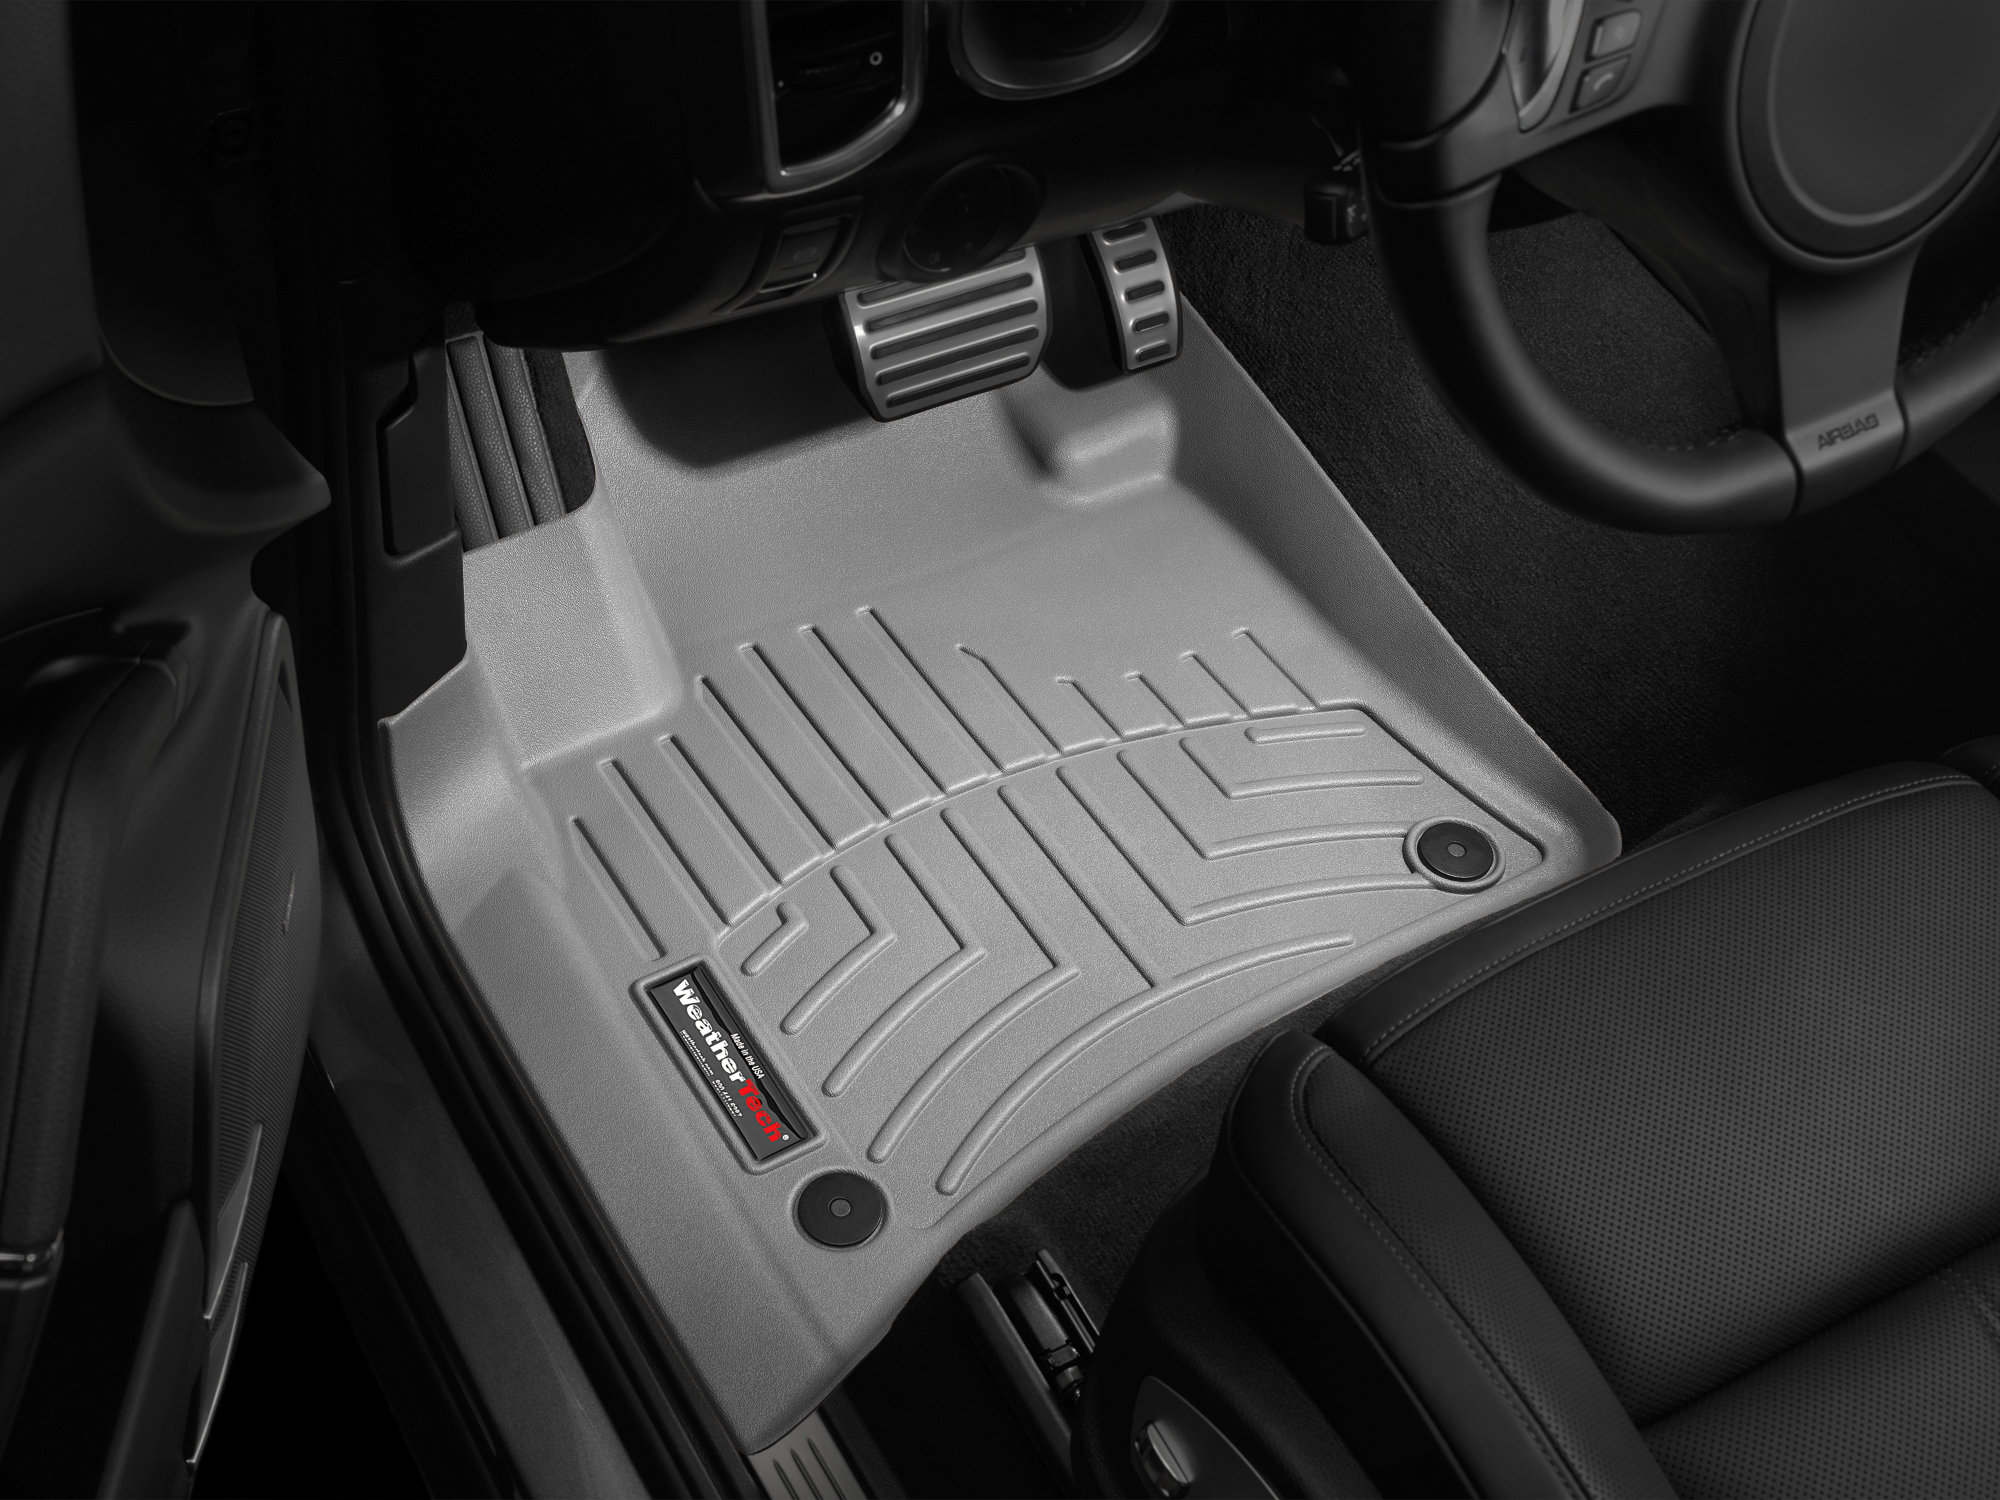 Tappeti gomma su misura bordo alto Volkswagen Touareg 11>17 Grigio A4328*